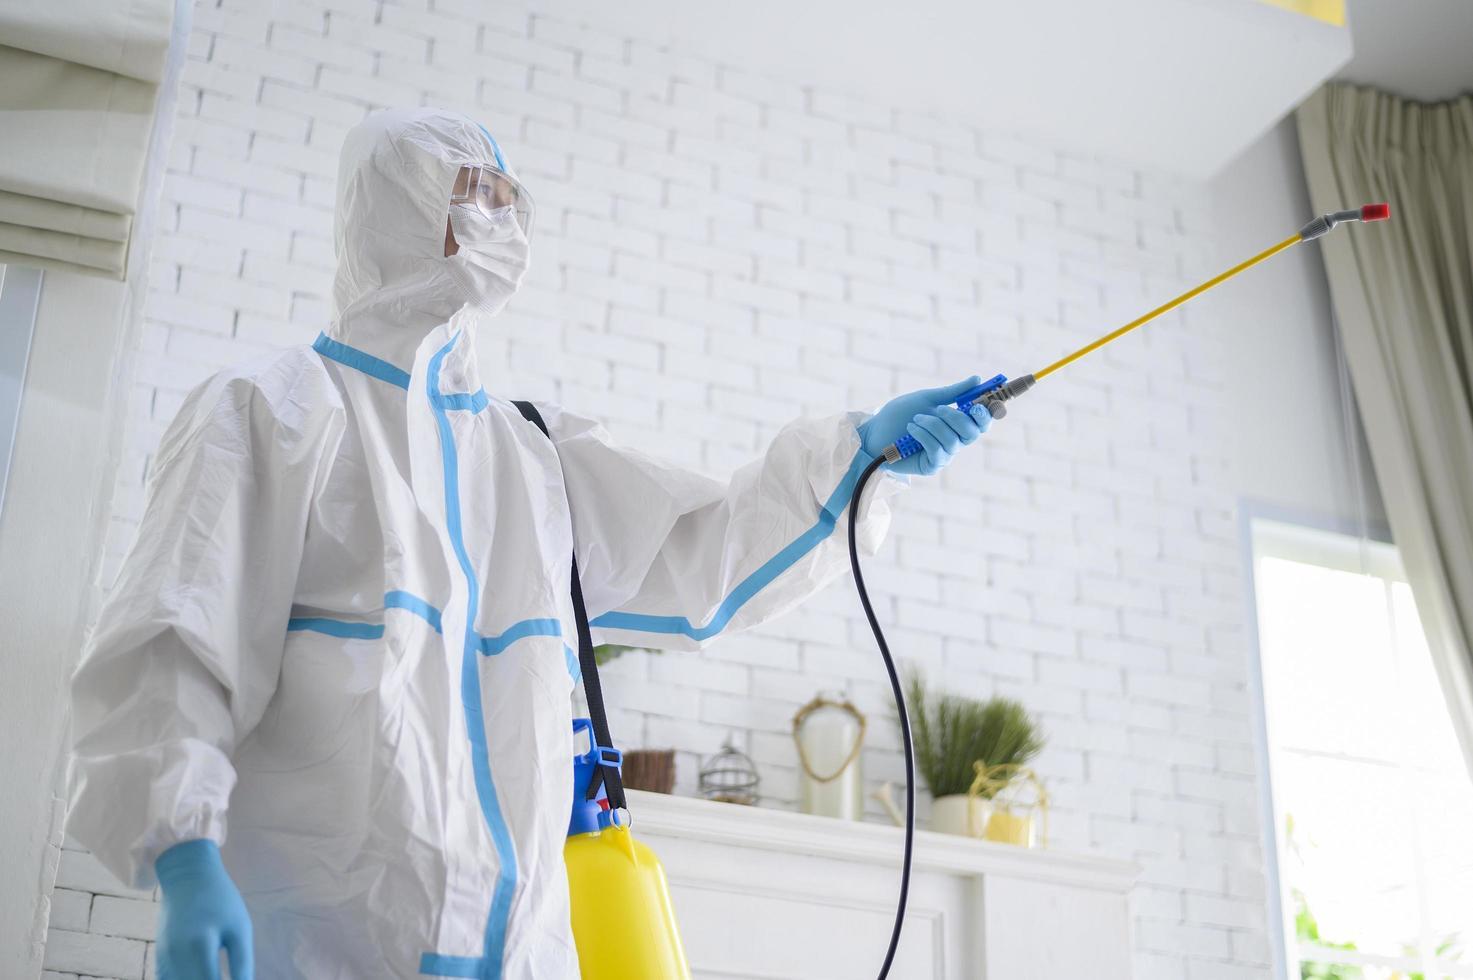 Ein medizinisches Personal im Anzug verwendet Desinfektionsspray im Wohnzimmer. foto